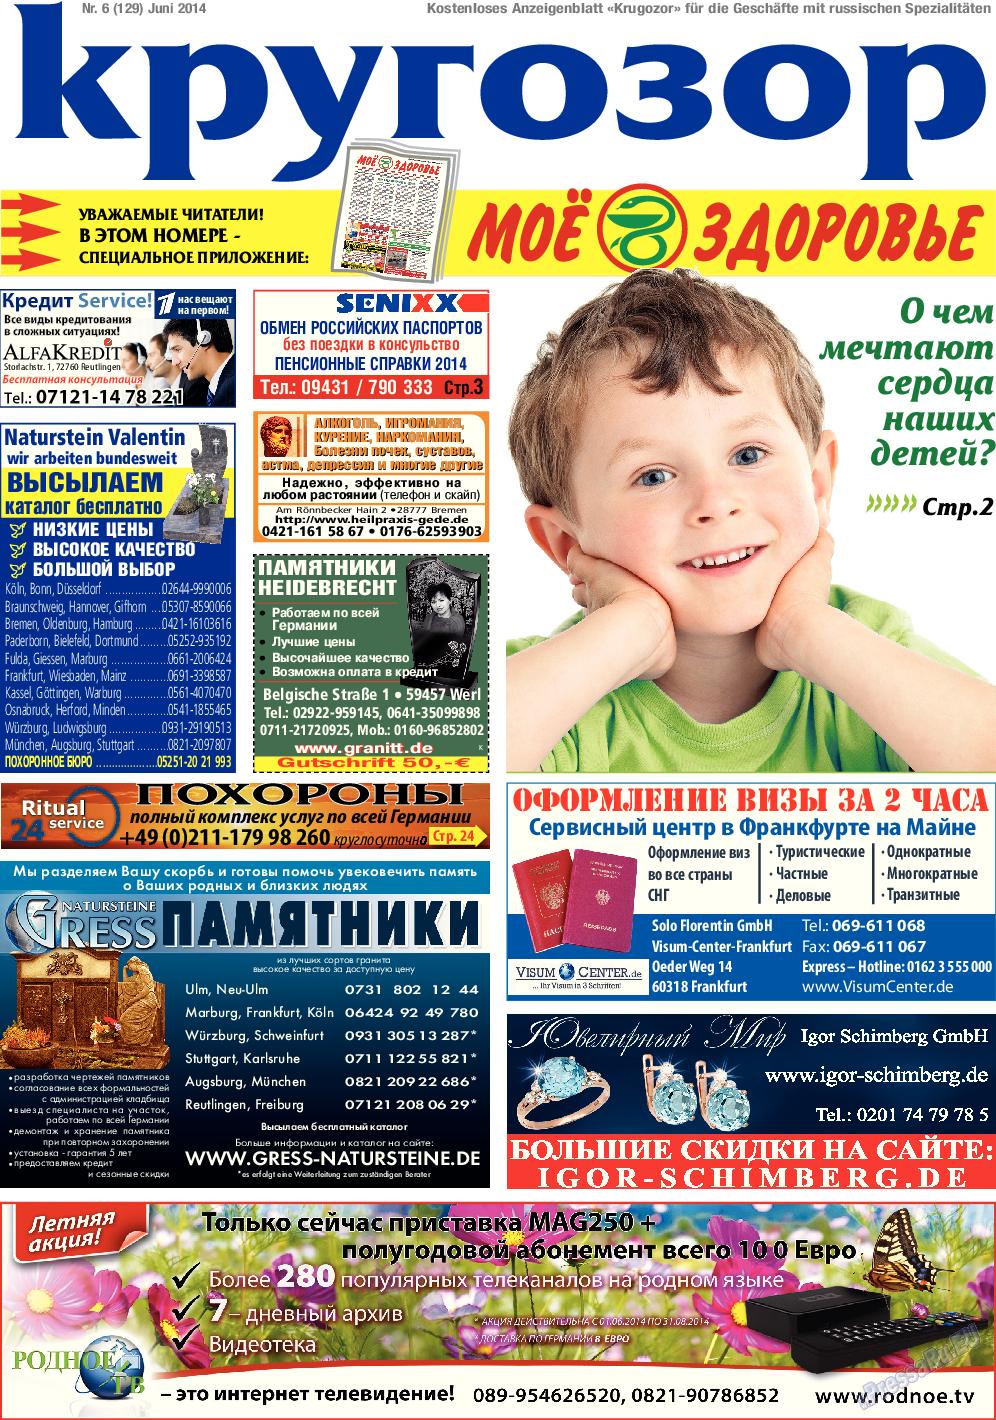 Кругозор (газета). 2014 год, номер 6, стр. 1